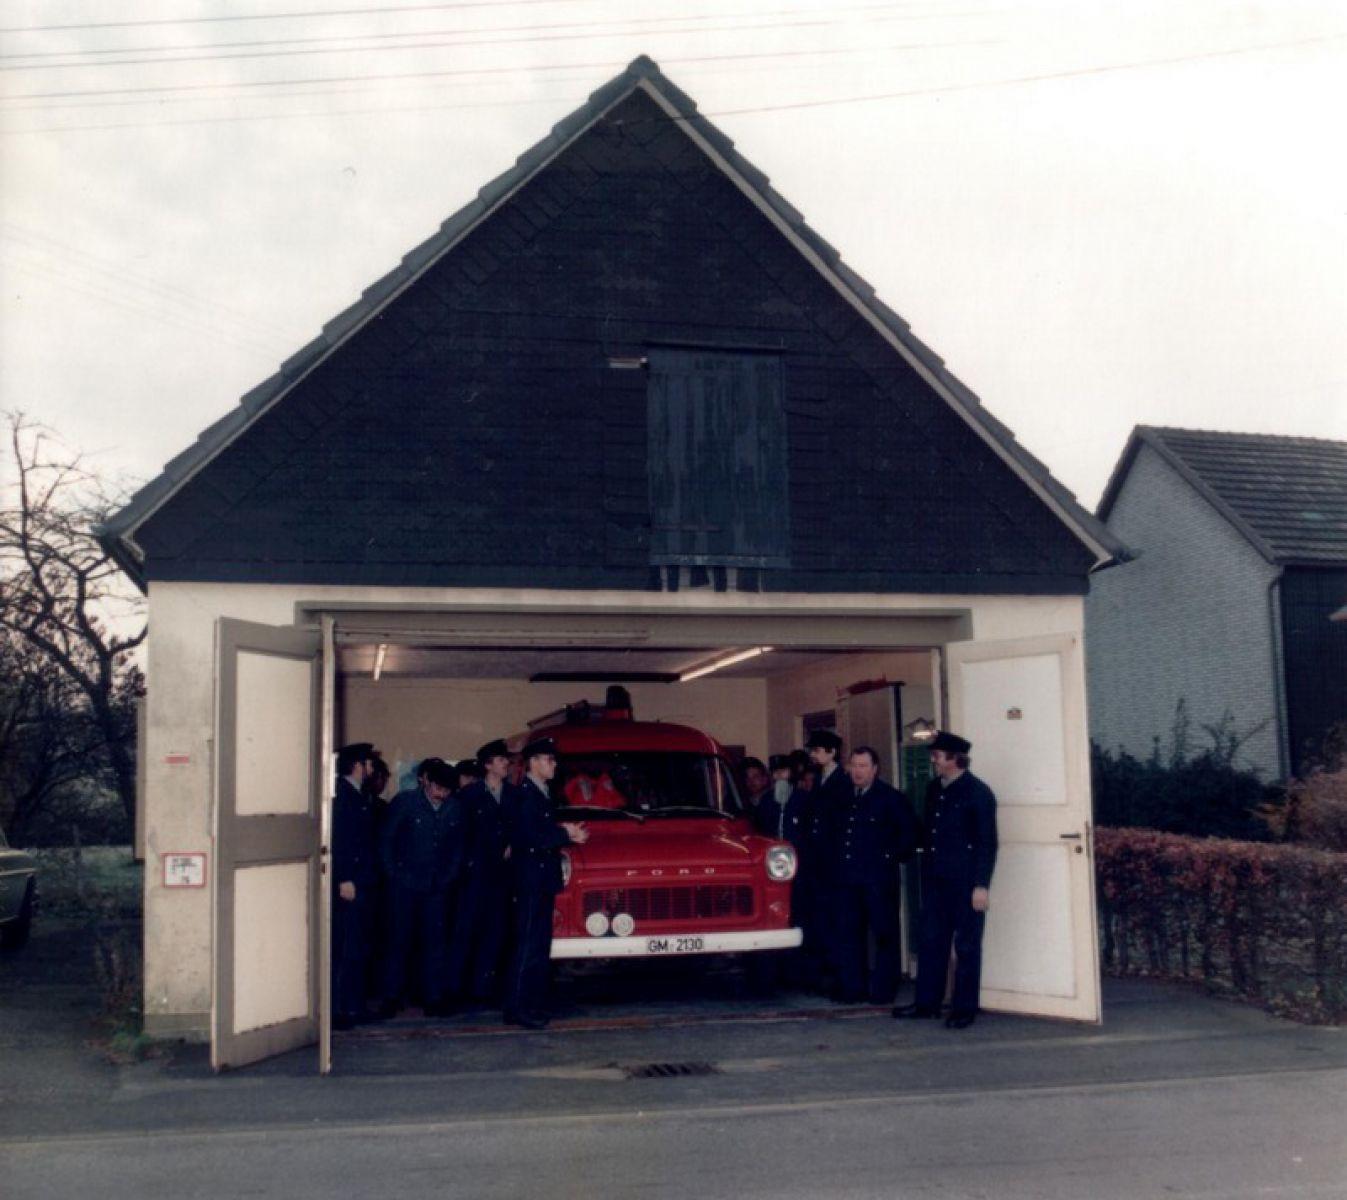 Geraetehaus 1955 1985